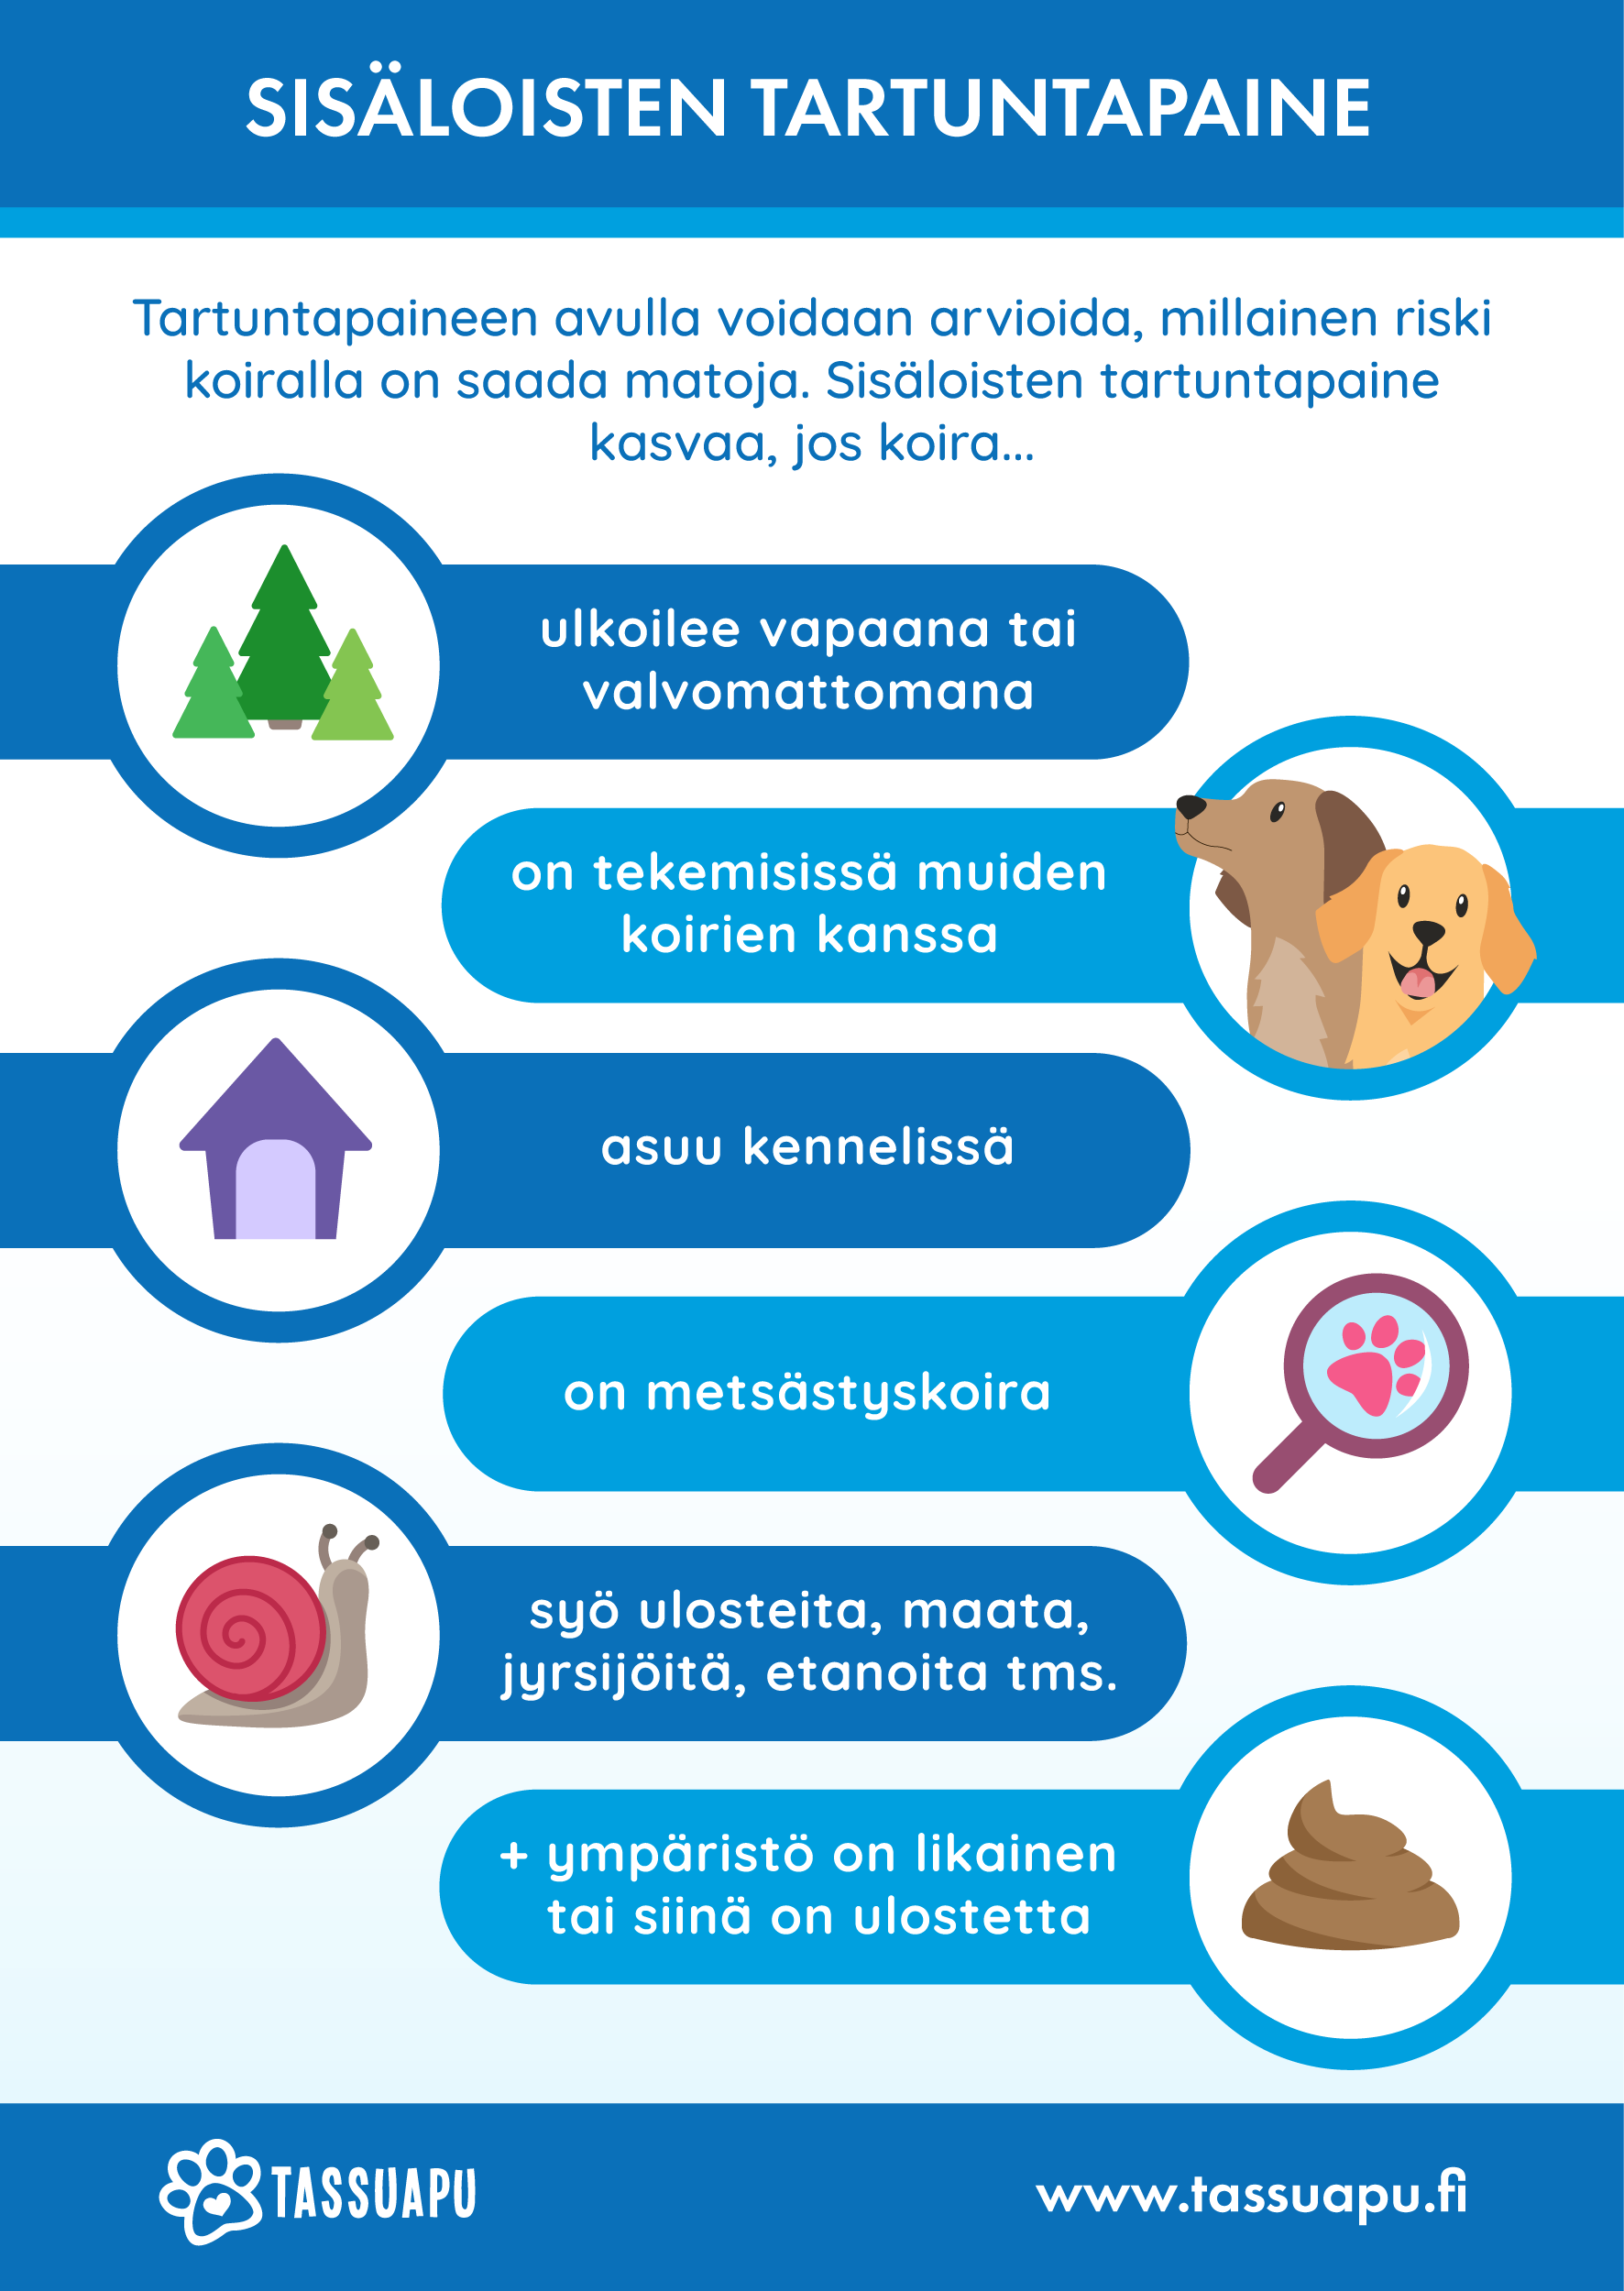 koiran matolääkitys sisäloisten tartuntapaine